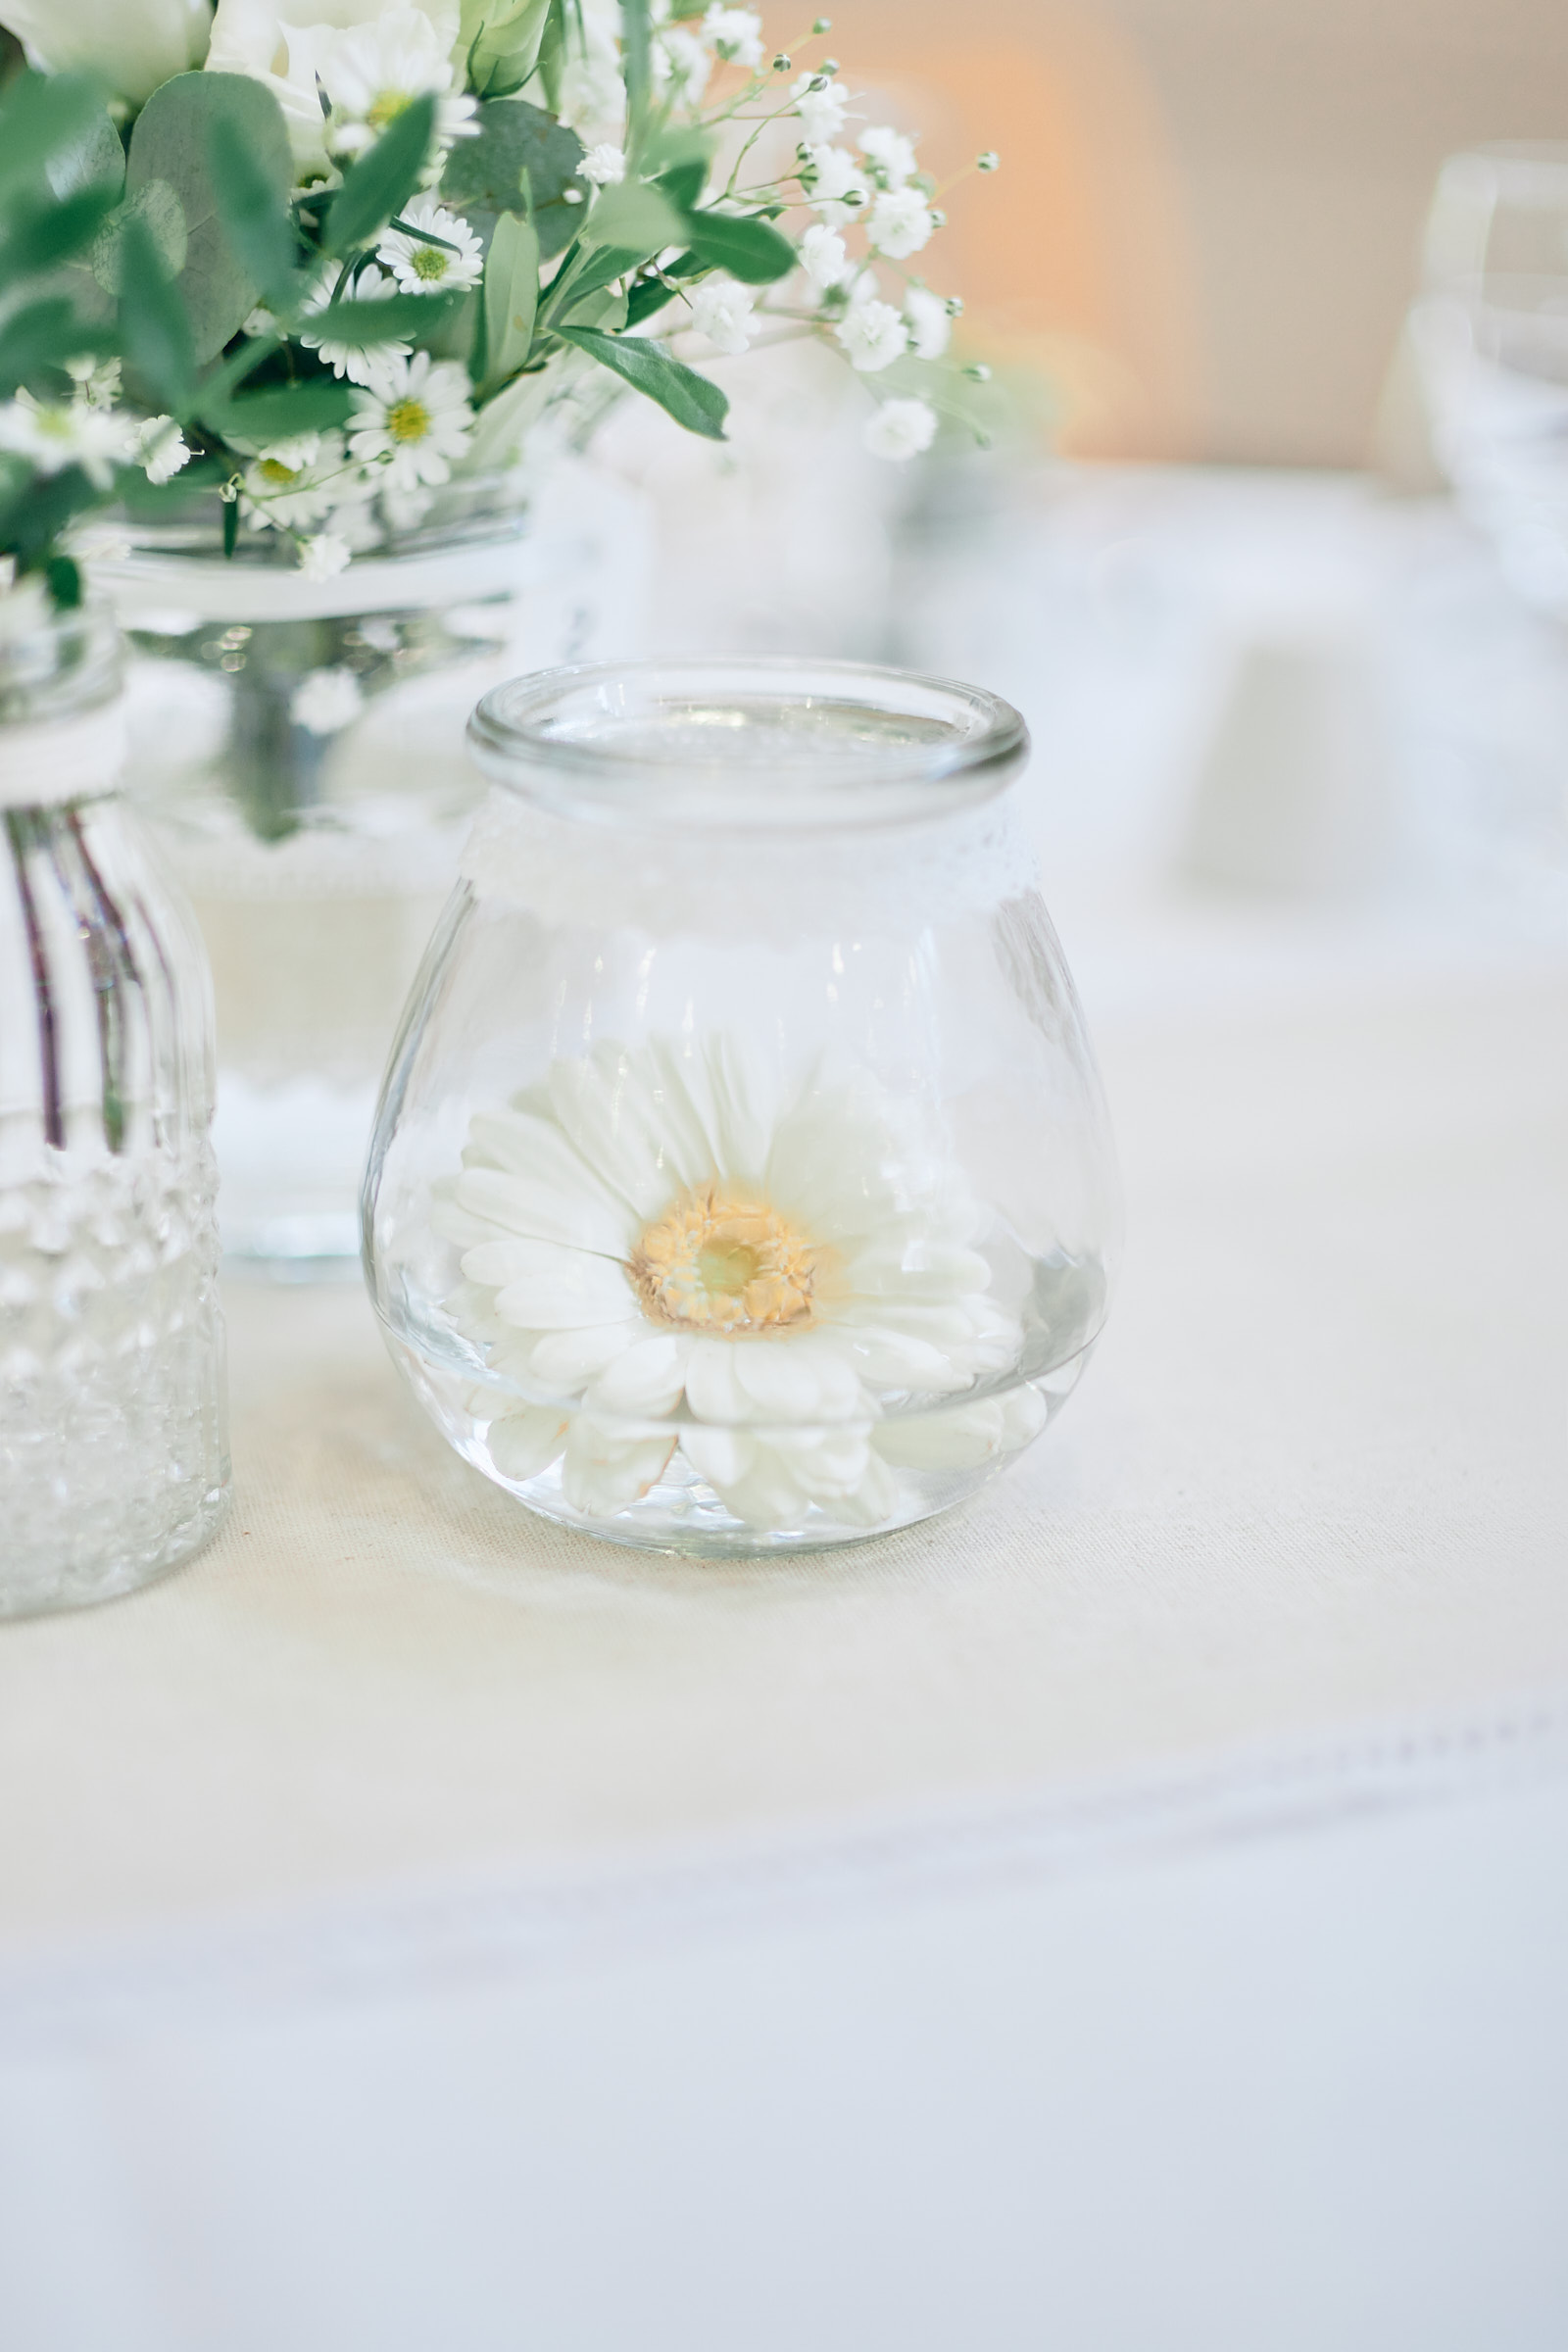 décoration florale de table pour ce mariage en ille et vilaine